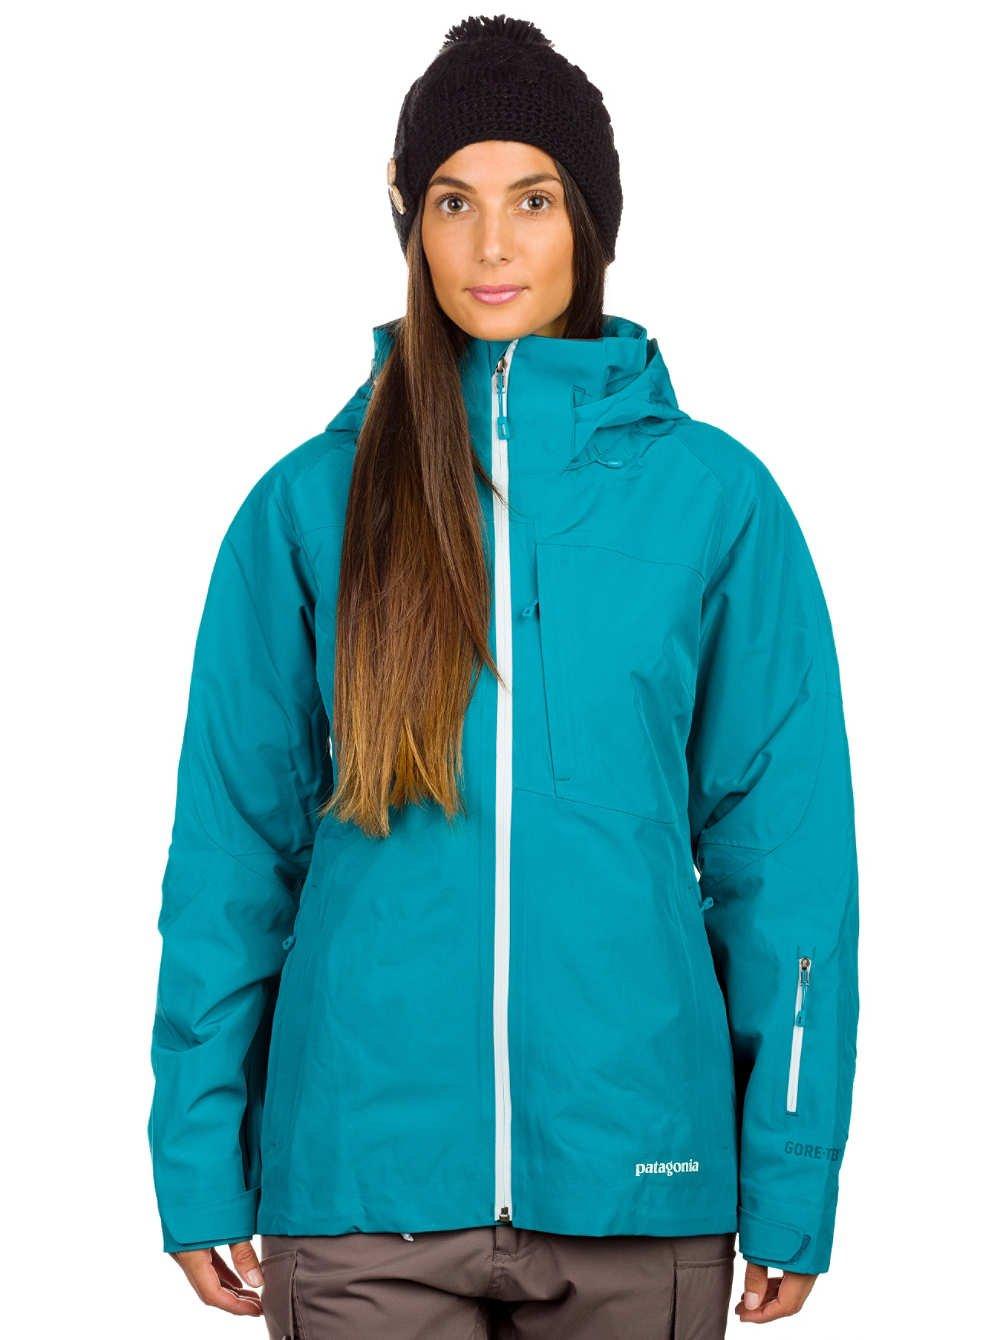 Patagonia Damen Skijacke